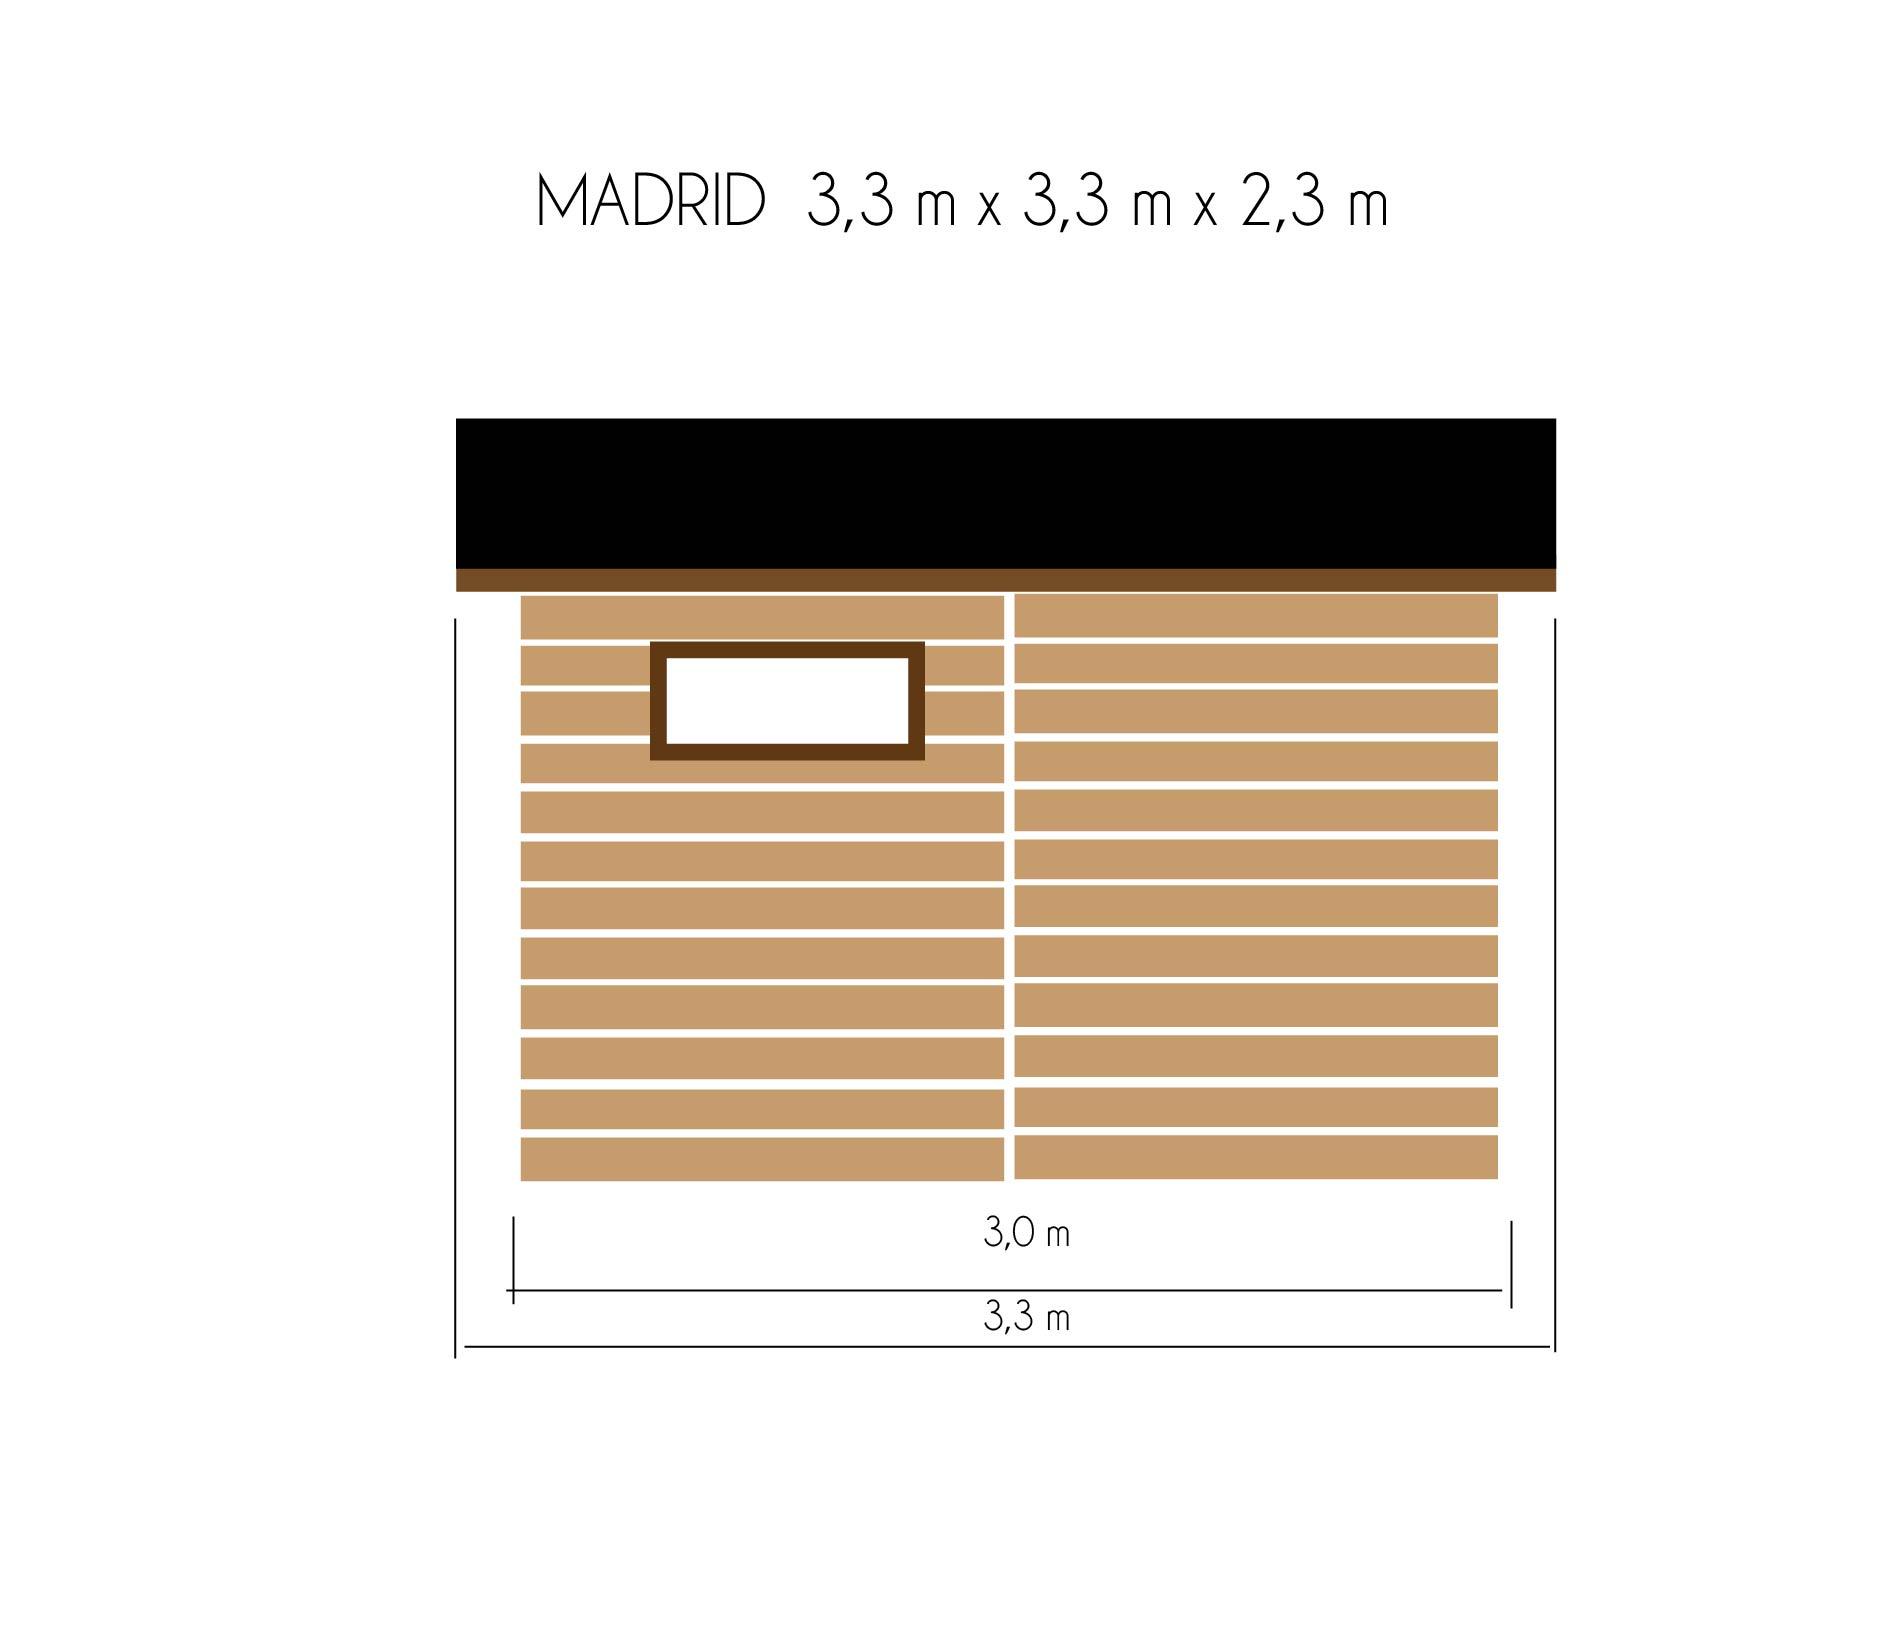 gartenh user bis 12 m2 gartenhaus aus holz 3 3m x 3 3m 19mm mit fenstern madrid. Black Bedroom Furniture Sets. Home Design Ideas